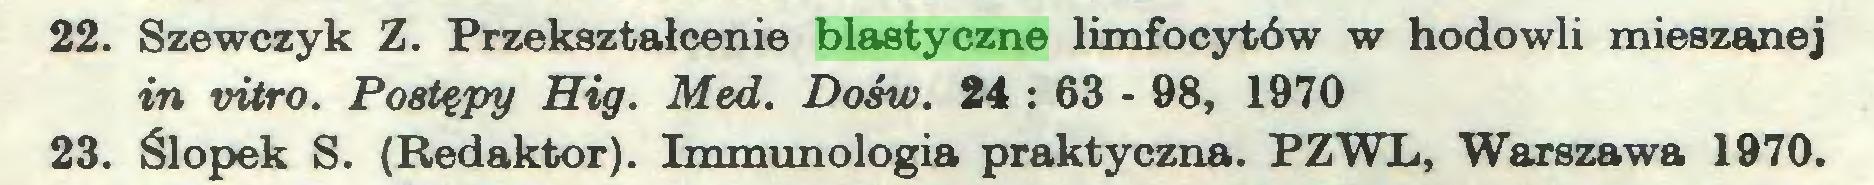 (...) 22. Szewczyk Z. Przekształcenie blastyczne limfocytów w hodowli mieszanej in vitro. Postępy Hig. Med. Dośw. 24 : 63 - 98, 1970 23. Ślopek S. (Redaktor). Immunologia praktyczna. PZWL, Warszawa 1970...